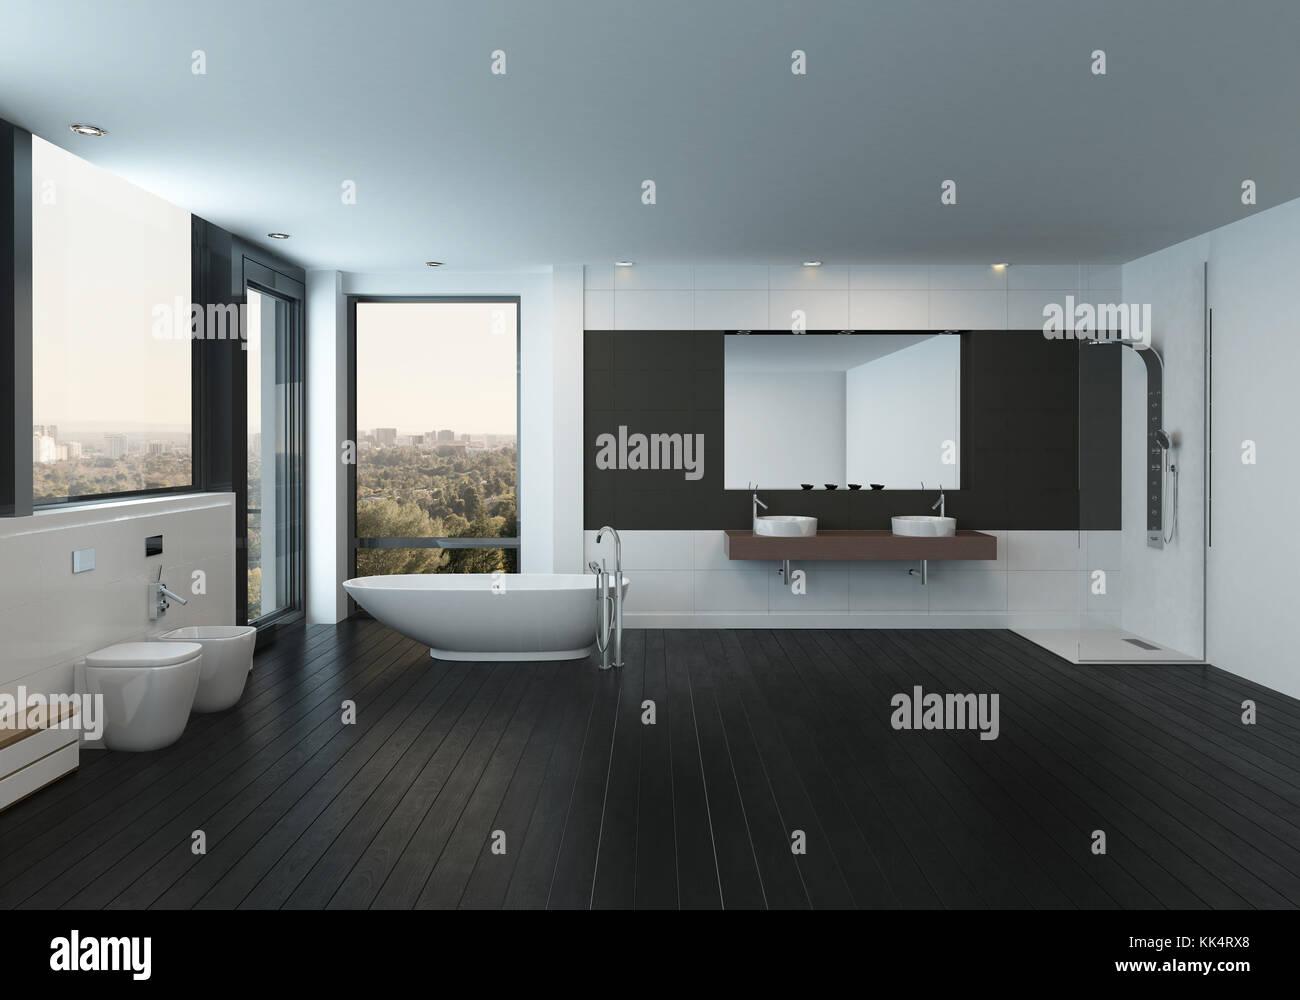 Bagno Moderno Bianco E Nero.Moderna E Spaziosa In Bianco E Nero Bagno Interno Con Un Design